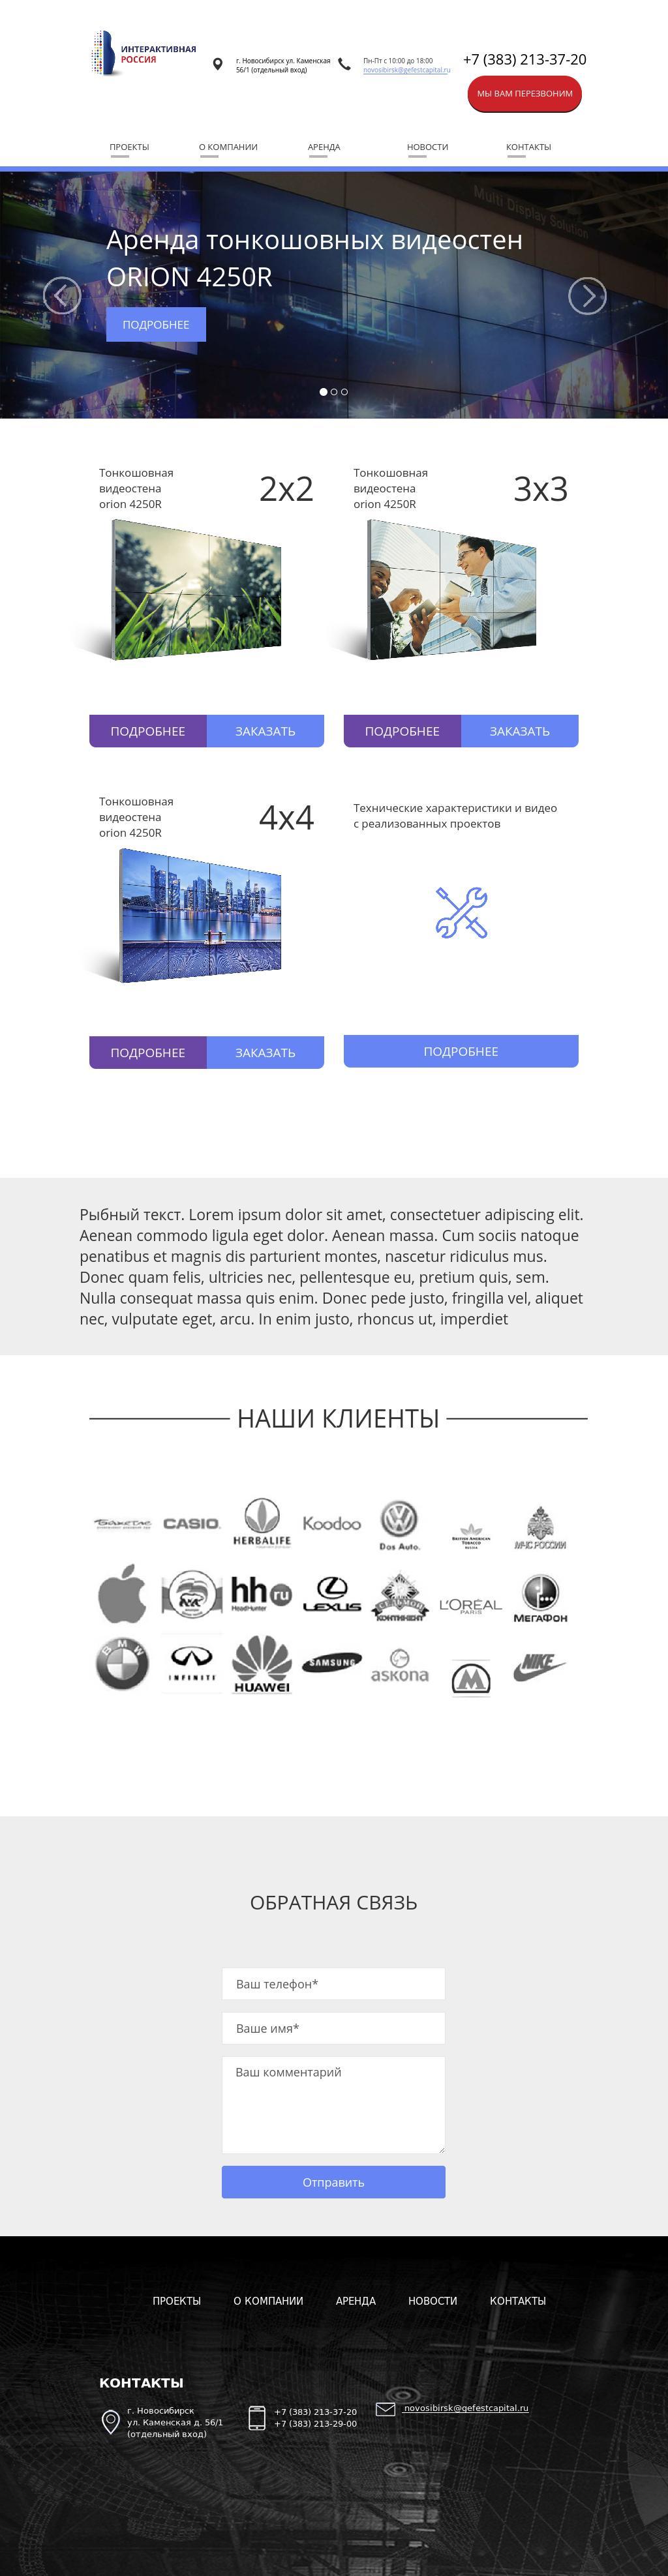 LP Интерактивная Россия